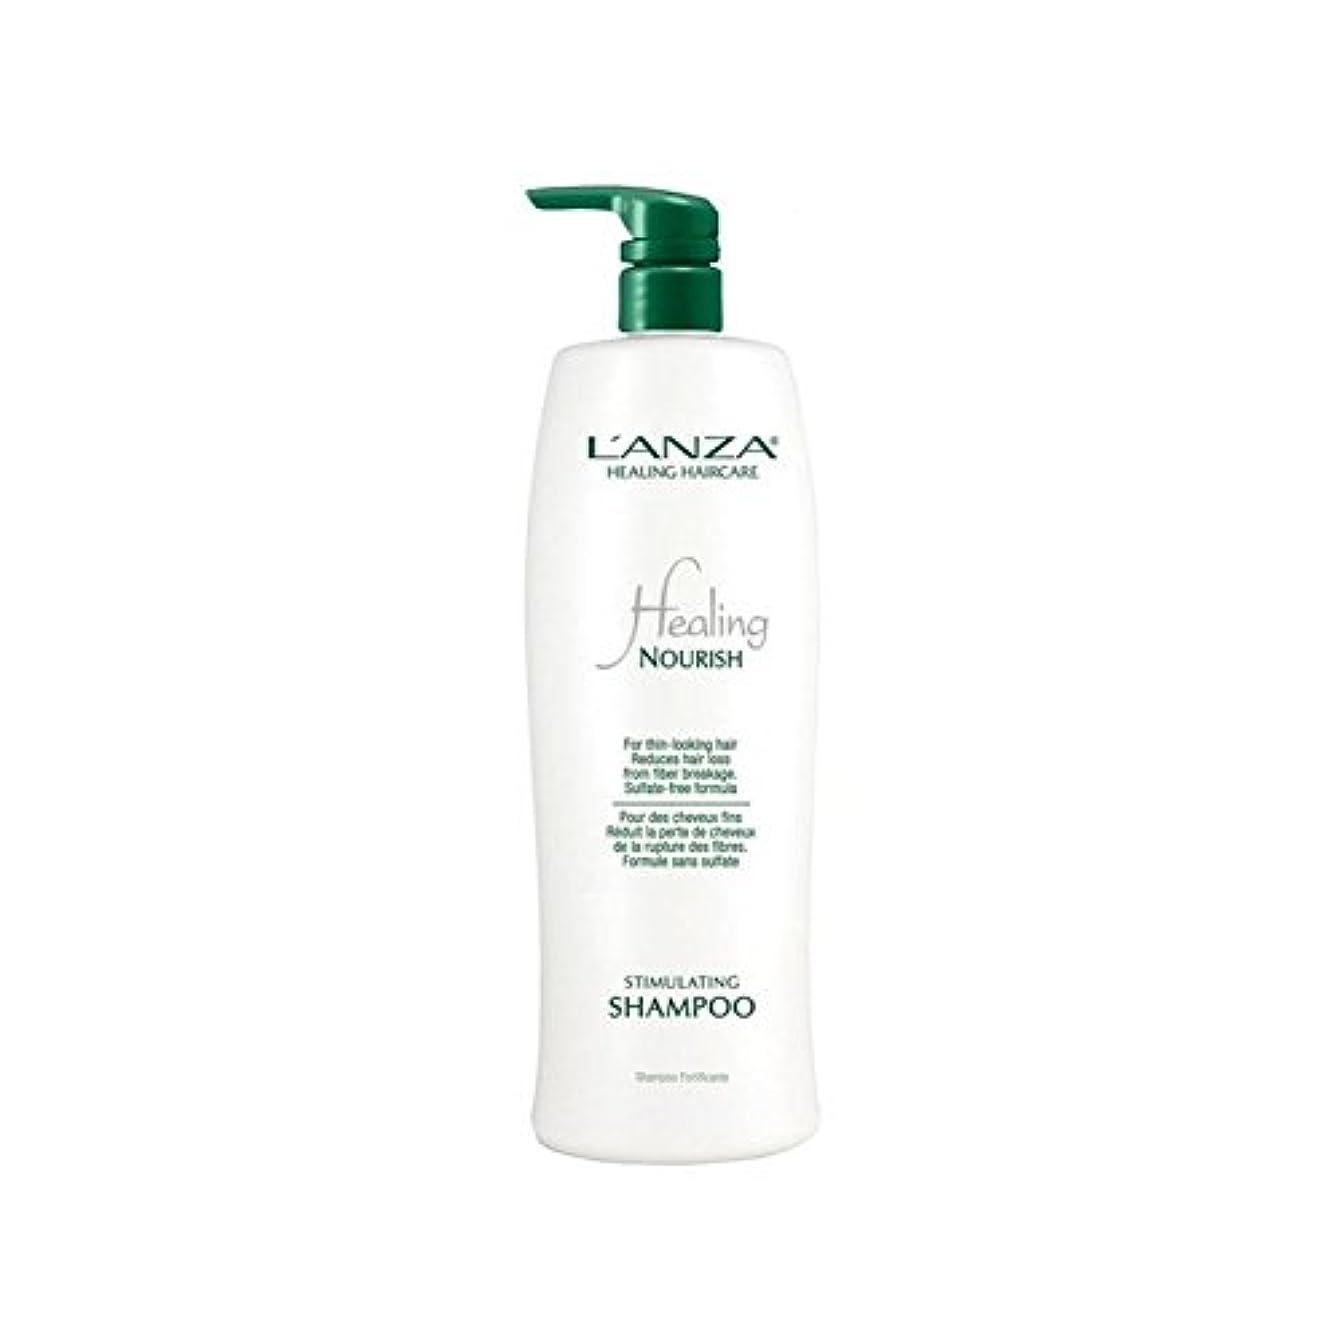 ひねりナイトスポットタイマーLanza Healing Nourish Stimulating Shampoo (1000ml) (Pack of 6) - ランツァ治癒がシャンプー(千ミリリットル)を刺激する栄養を与えます x6 [並行輸入品]